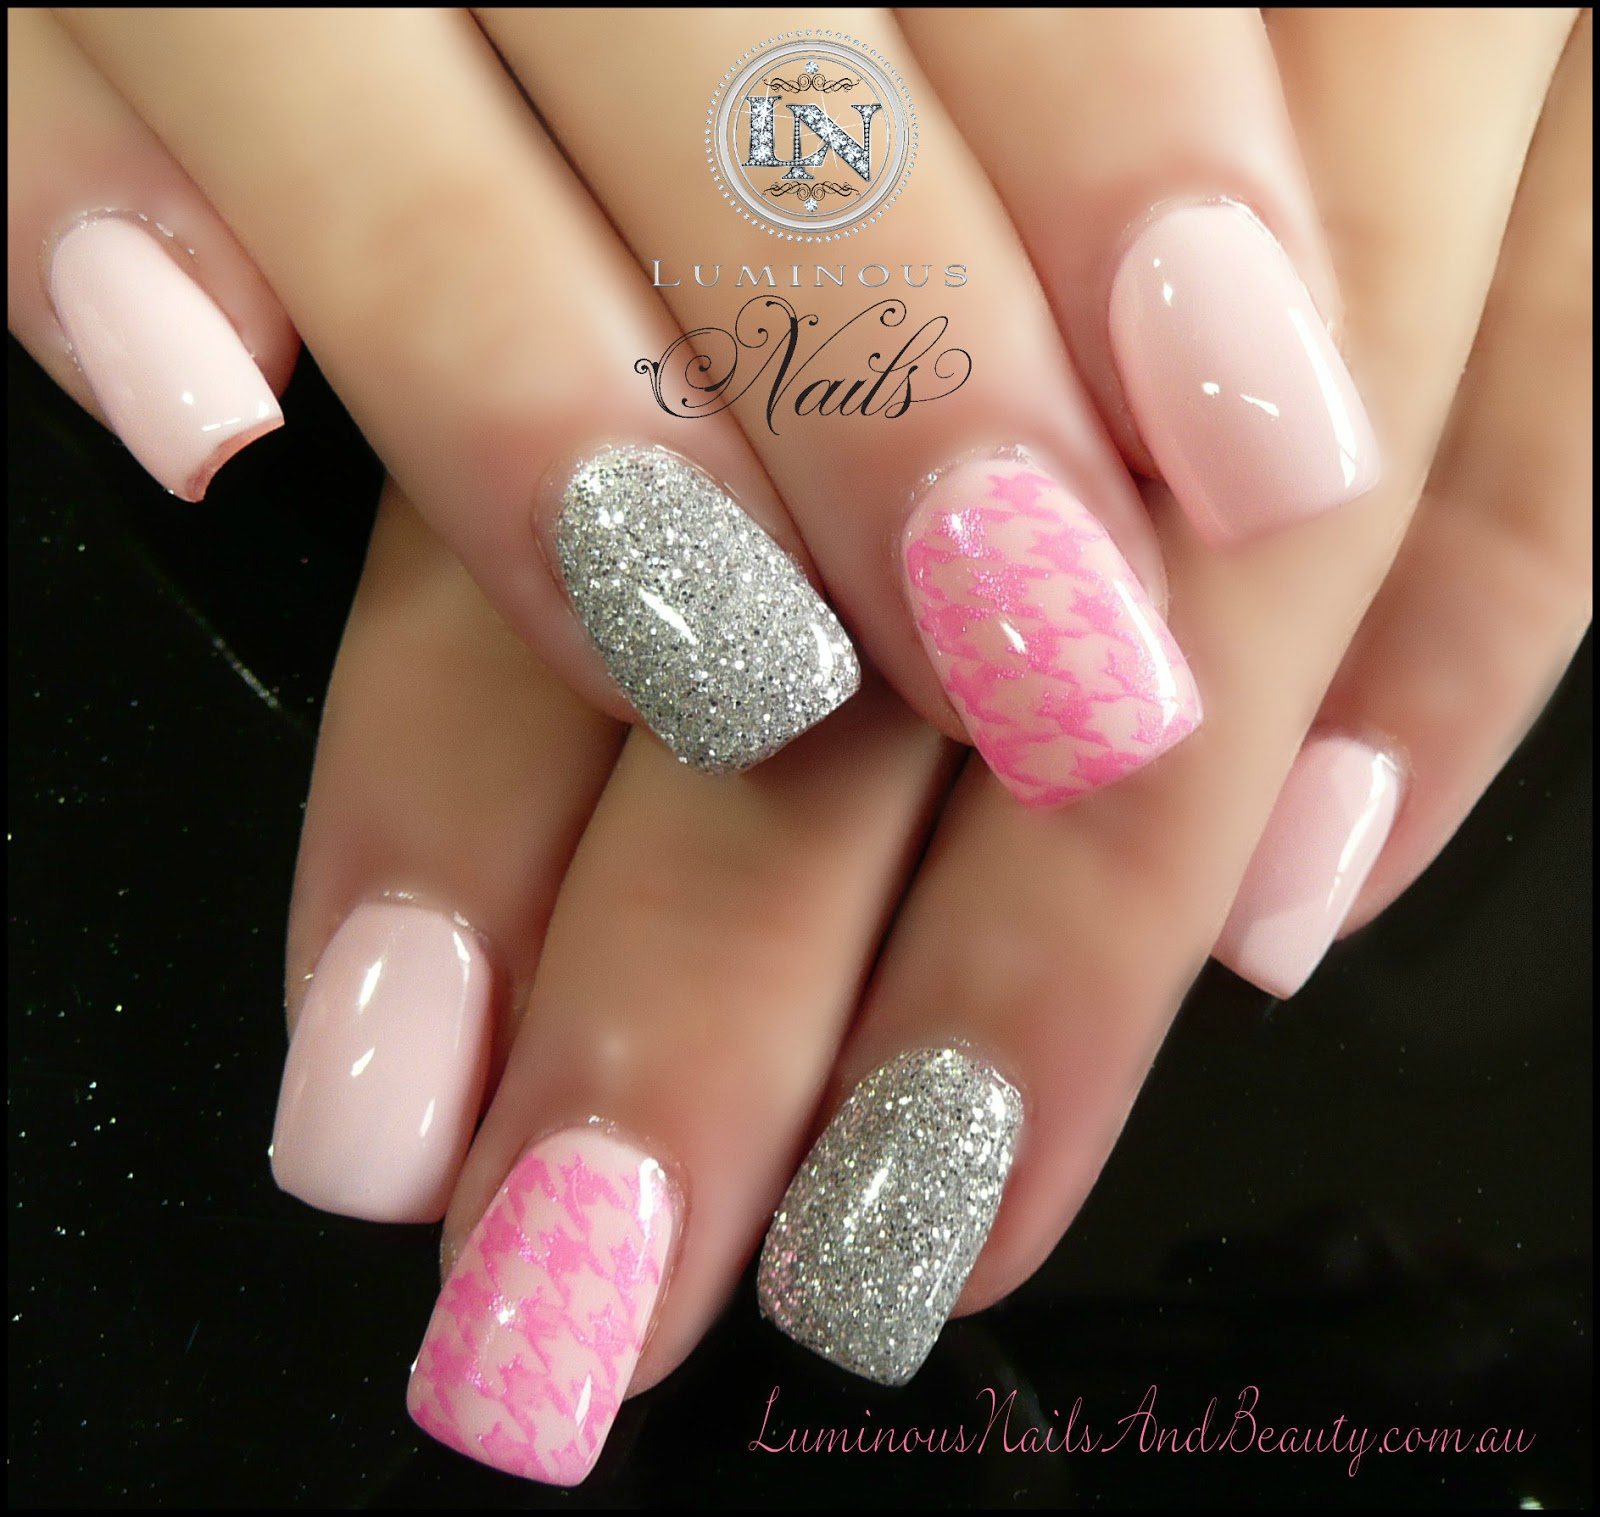 acrylic nails vs photo - 1